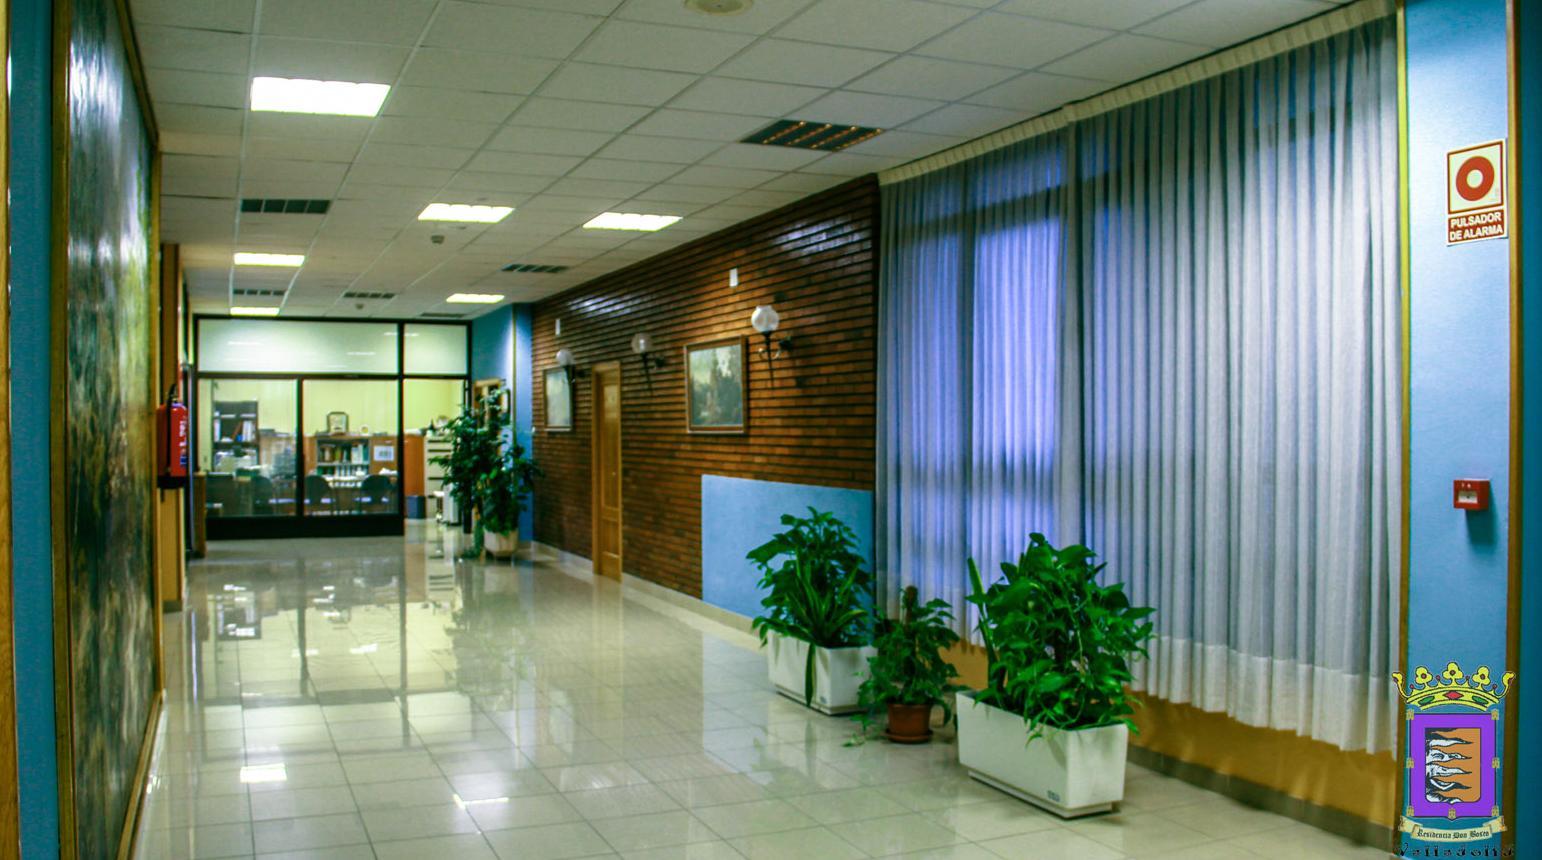 Foto 4 de Residencias de estudiantes en Valladolid | Residencia Universitaria Don Bosco